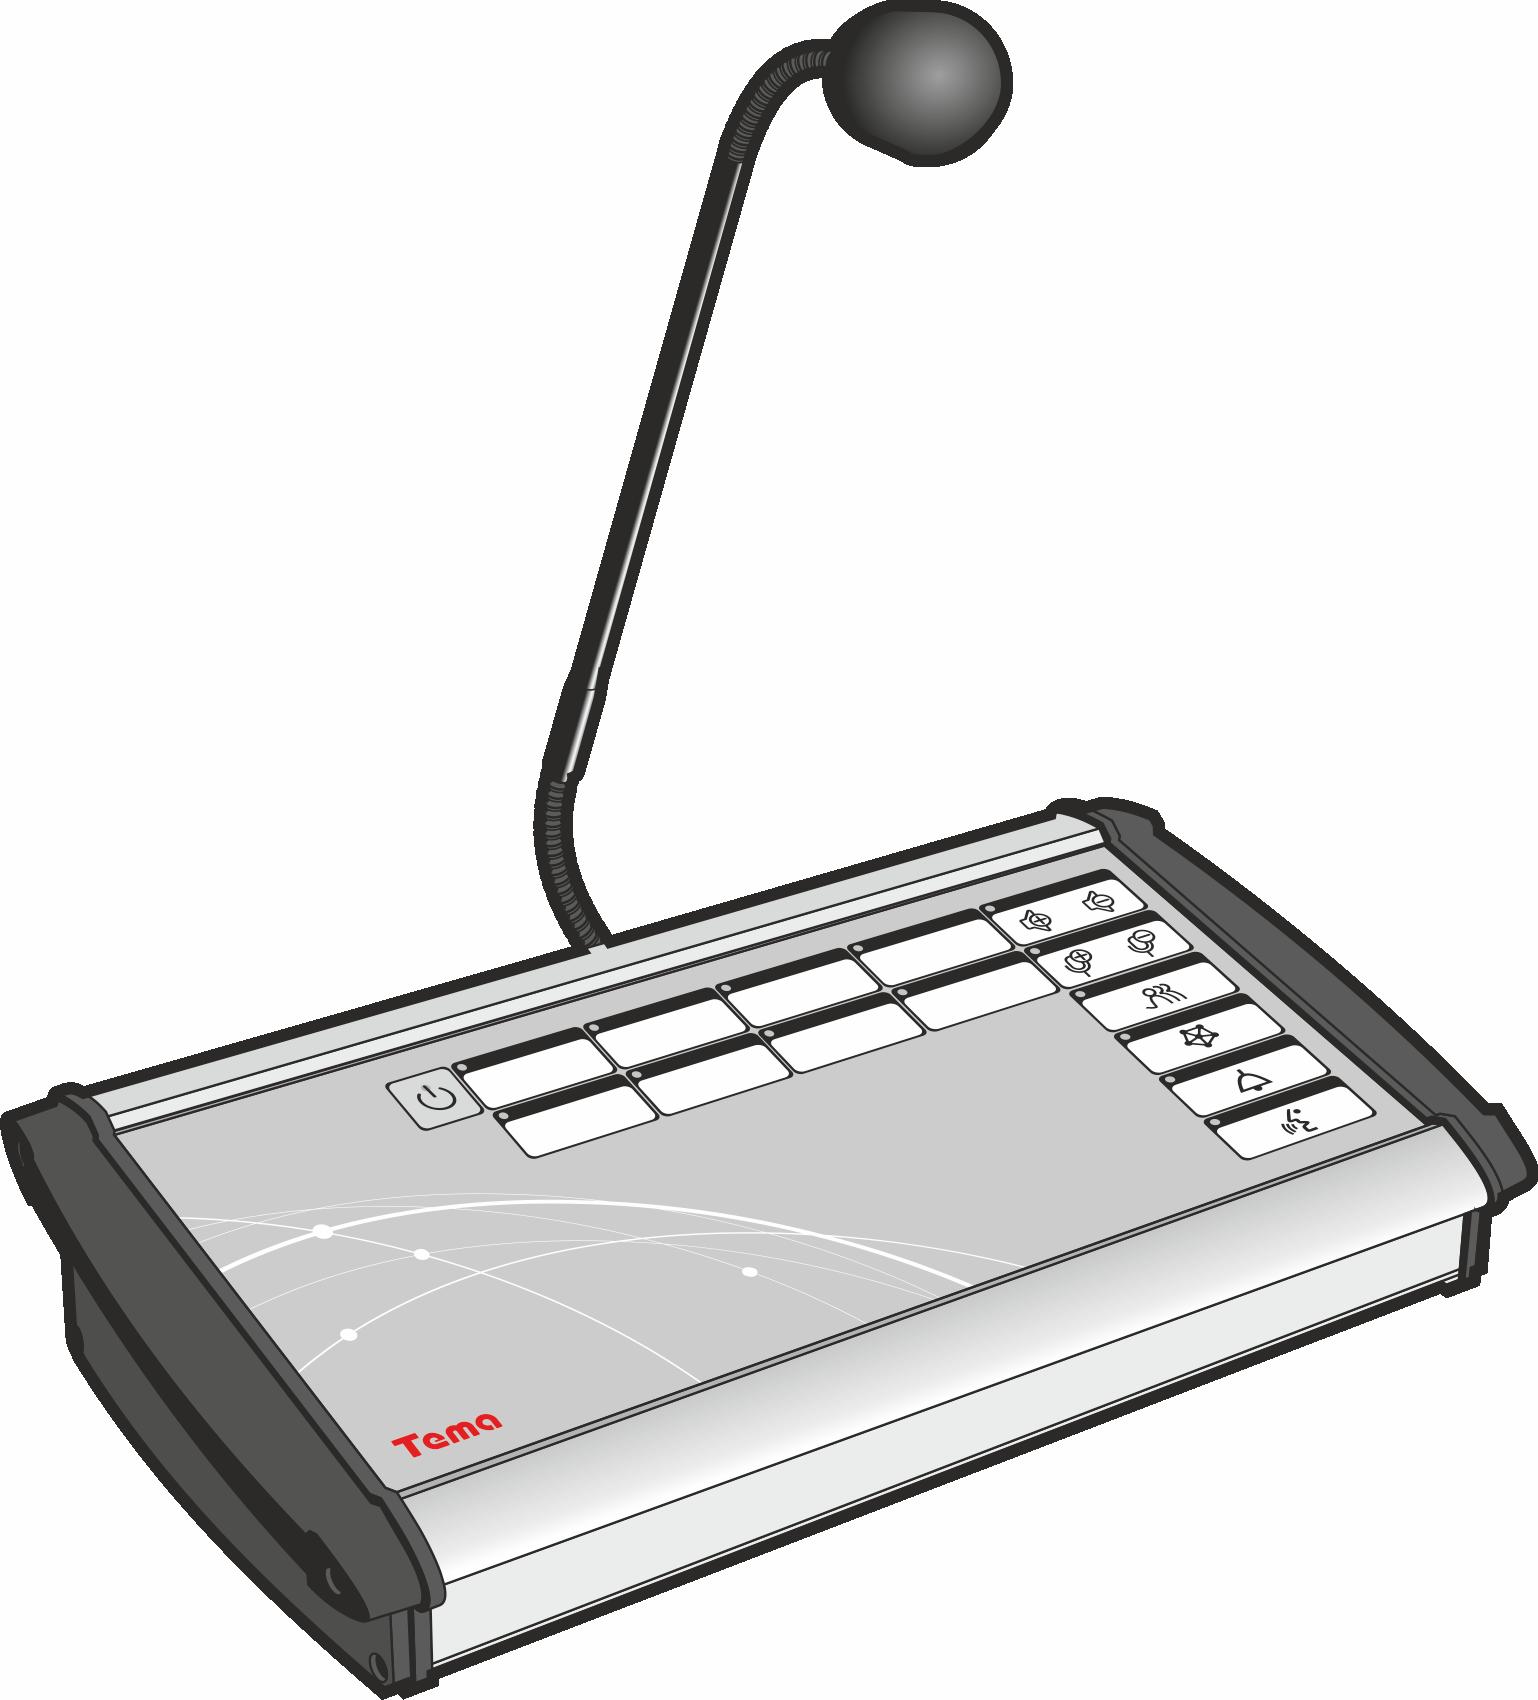 Диспетчерский пульт Tema-A82.22-220-m51